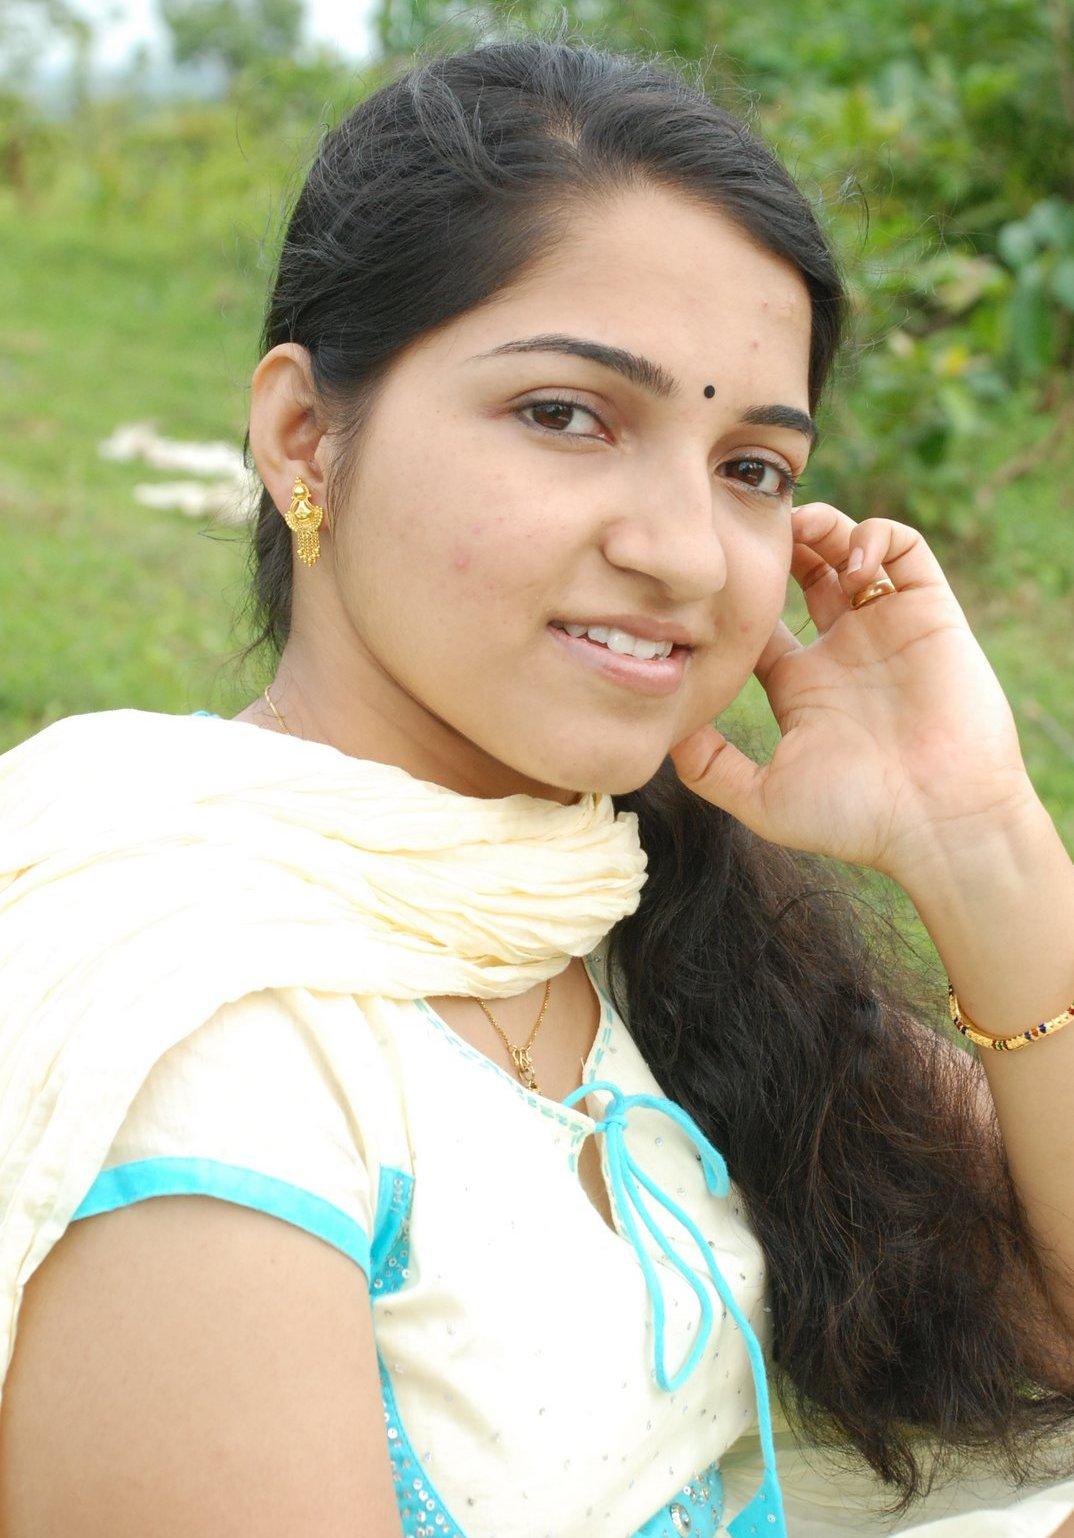 Young Desi Teen Girls Gallery 2 - Beautiful Indian Desi Girls-5664